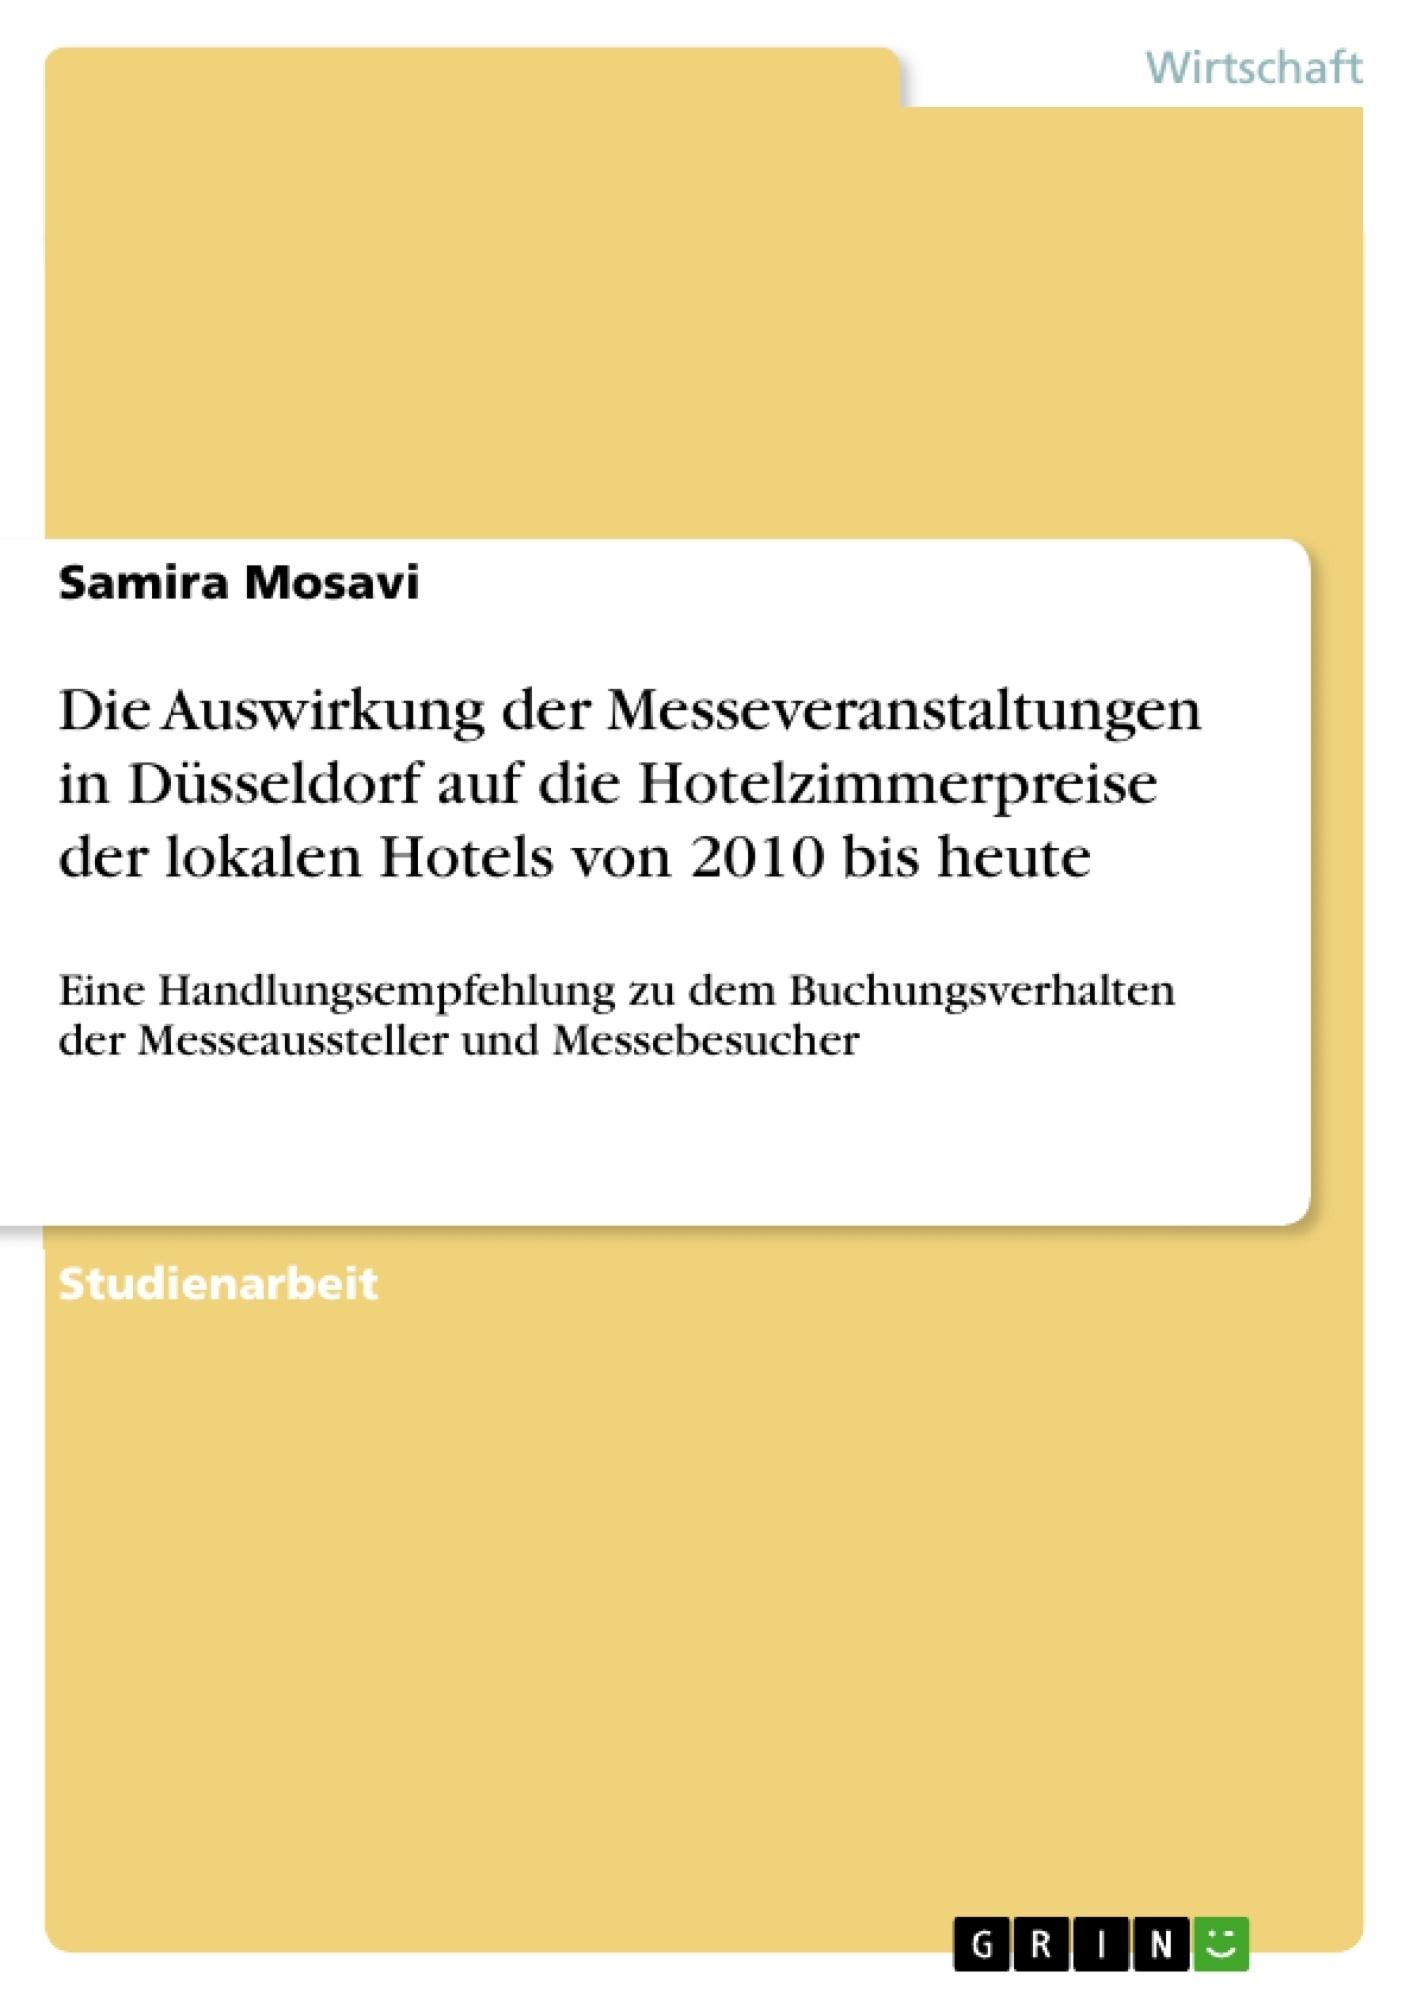 Titel: Die Auswirkung der Messeveranstaltungen in Düsseldorf auf die Hotelzimmerpreise der lokalen Hotels von 2010 bis heute